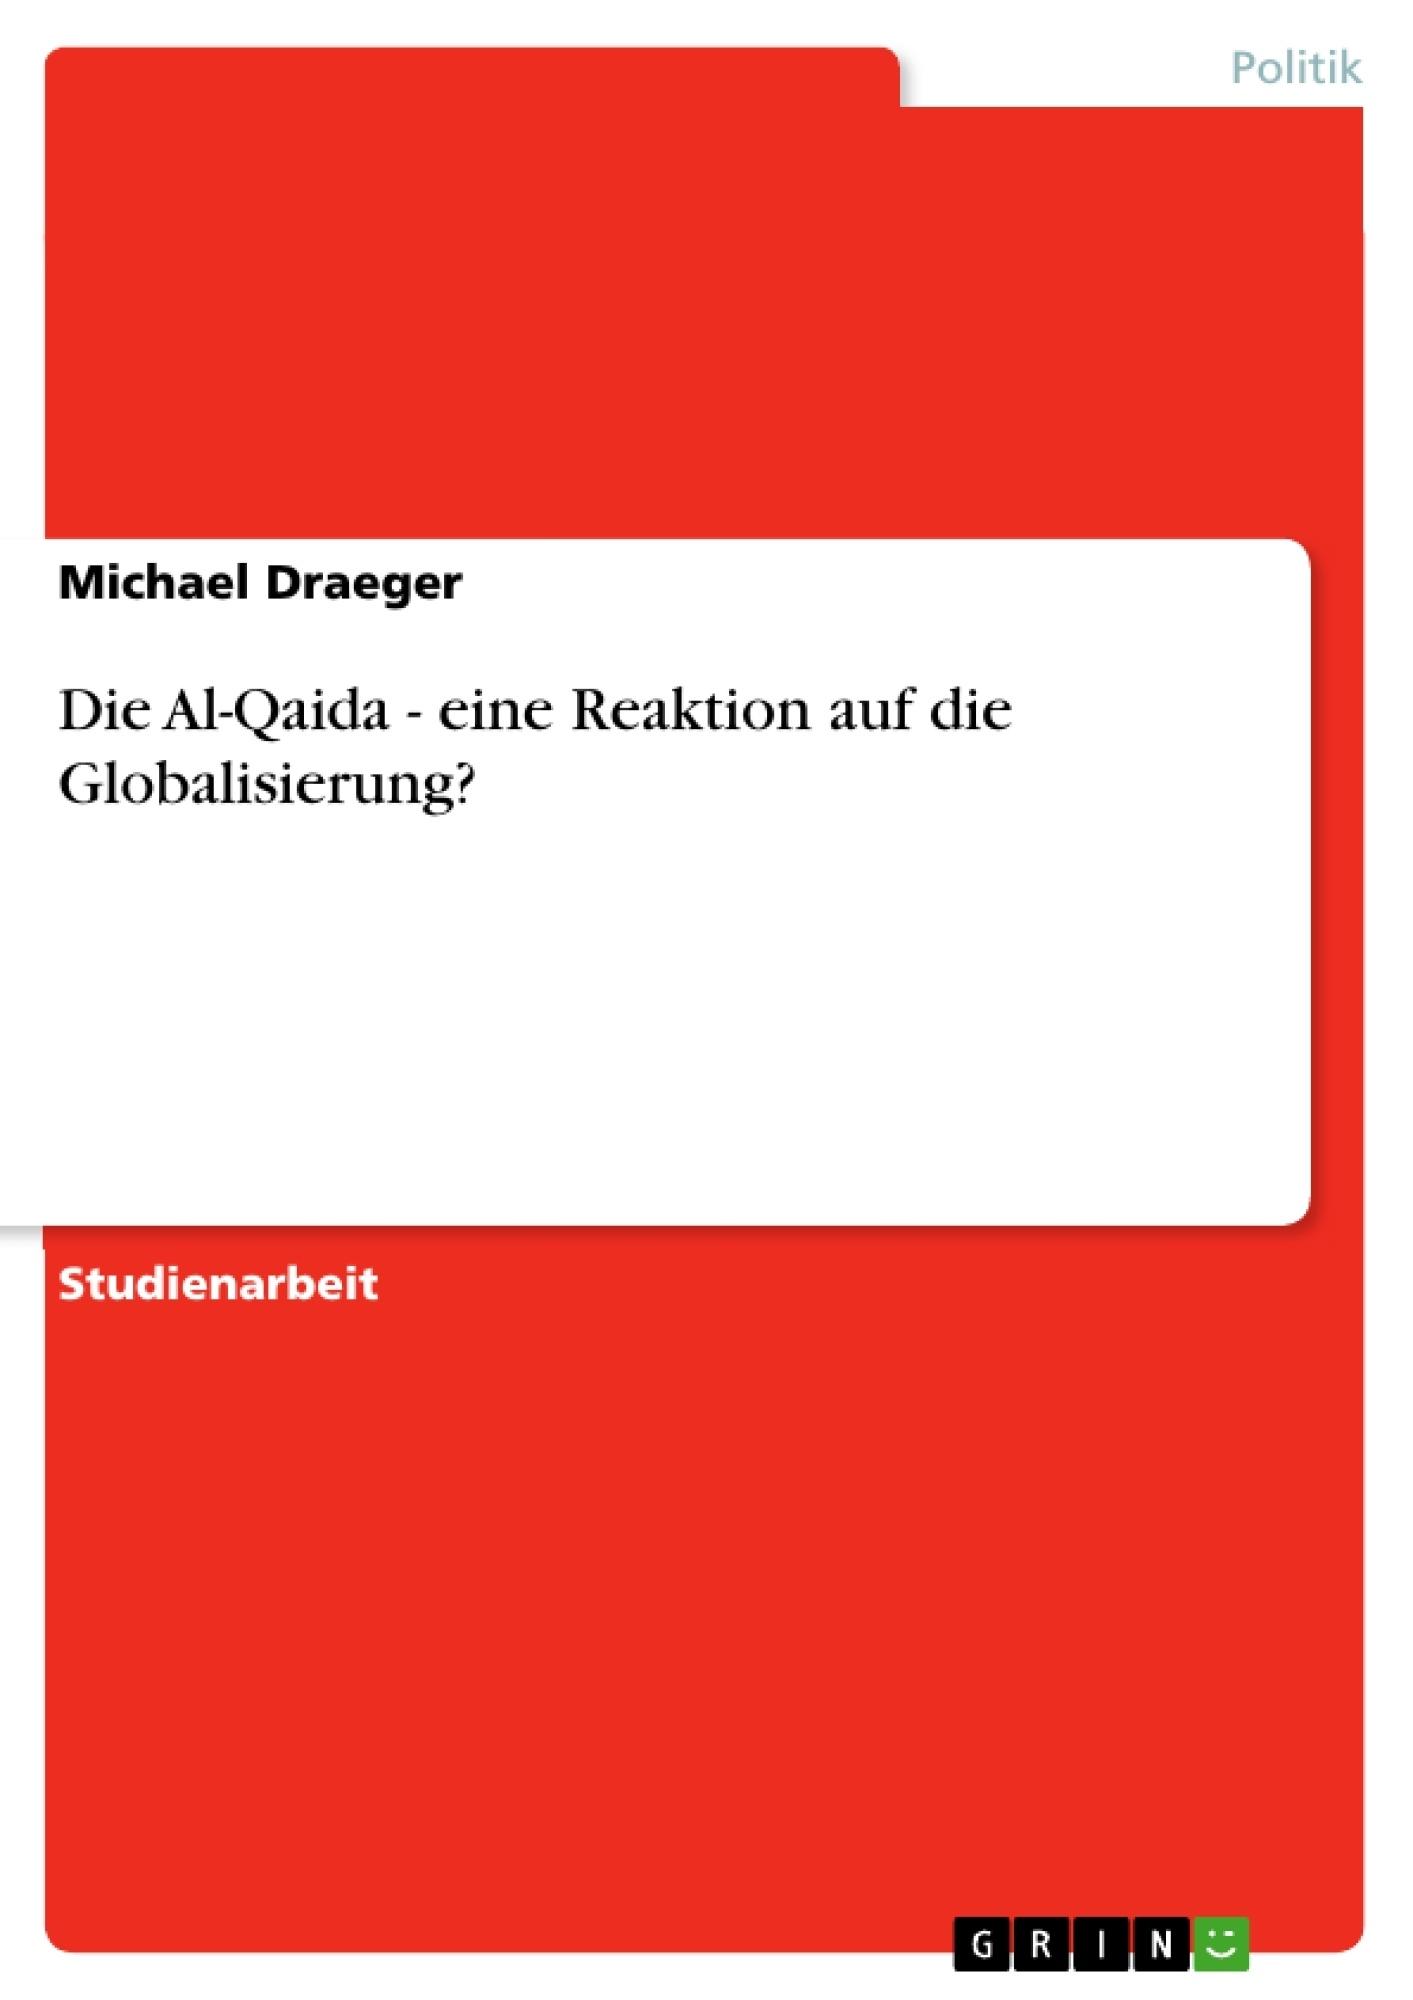 Titel: Die Al-Qaida - eine Reaktion auf die Globalisierung?